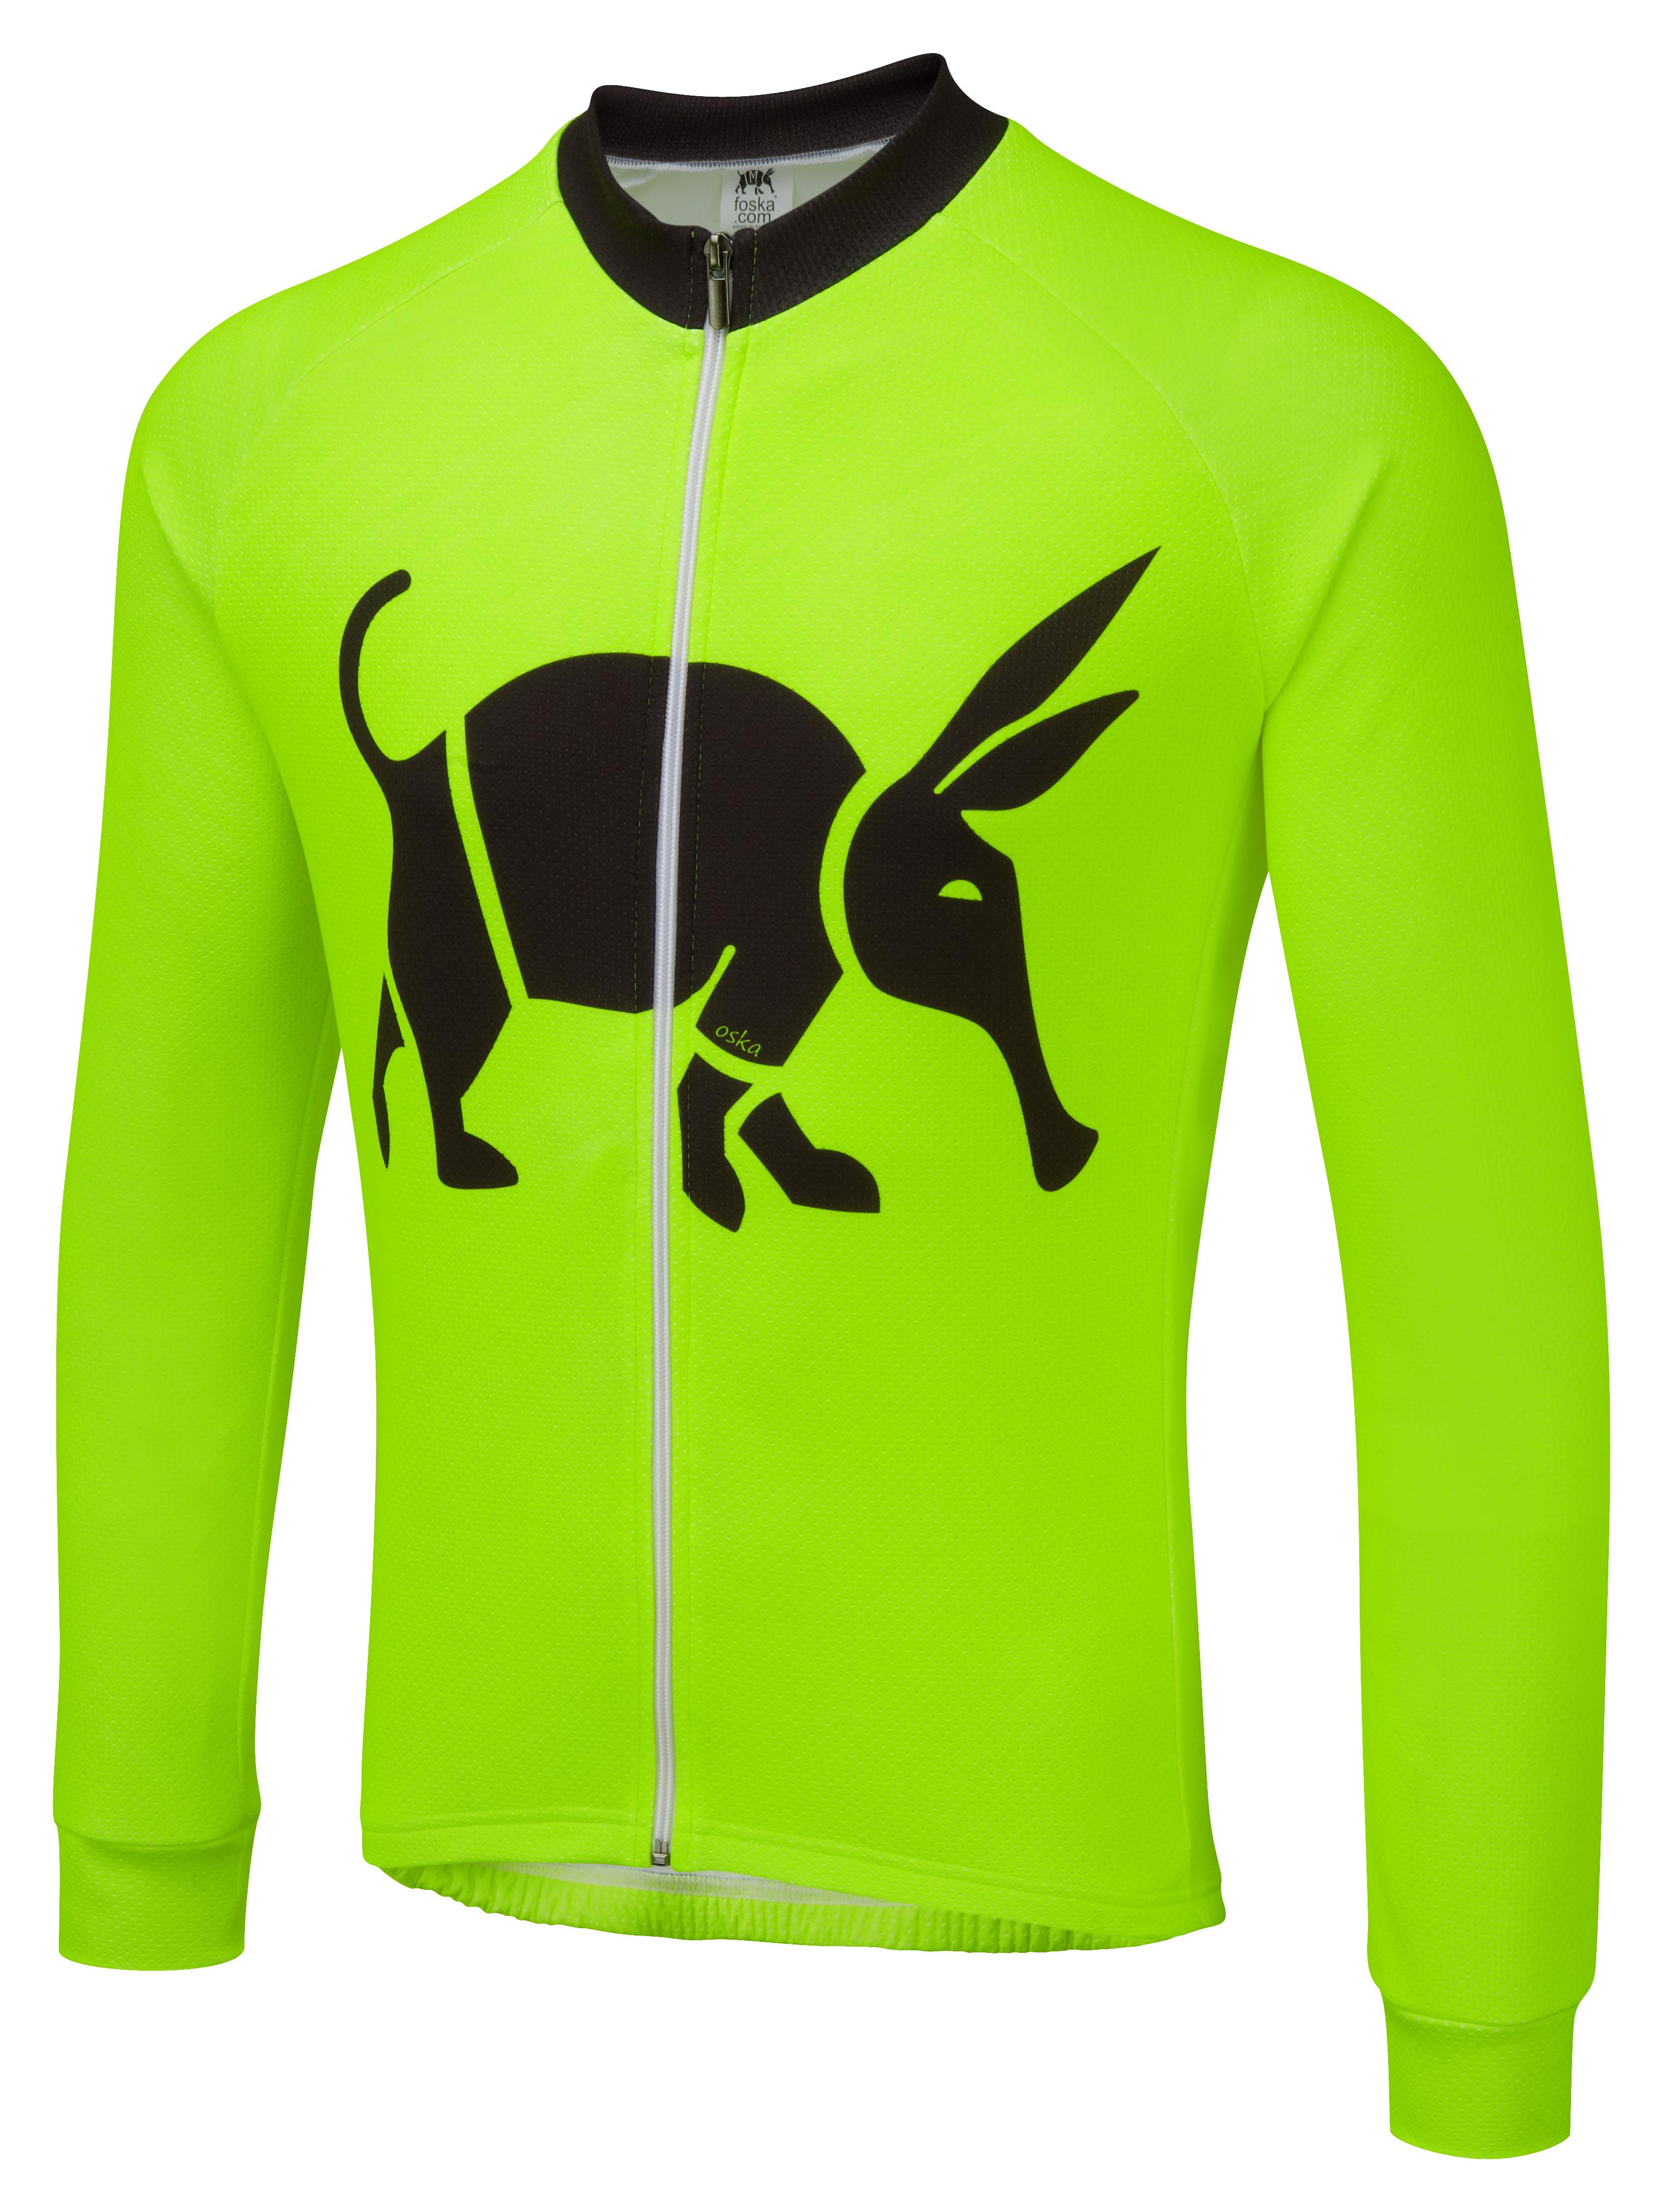 b2ee7d2f7 Oska Fluro Green Winter Cycling Jersey ...